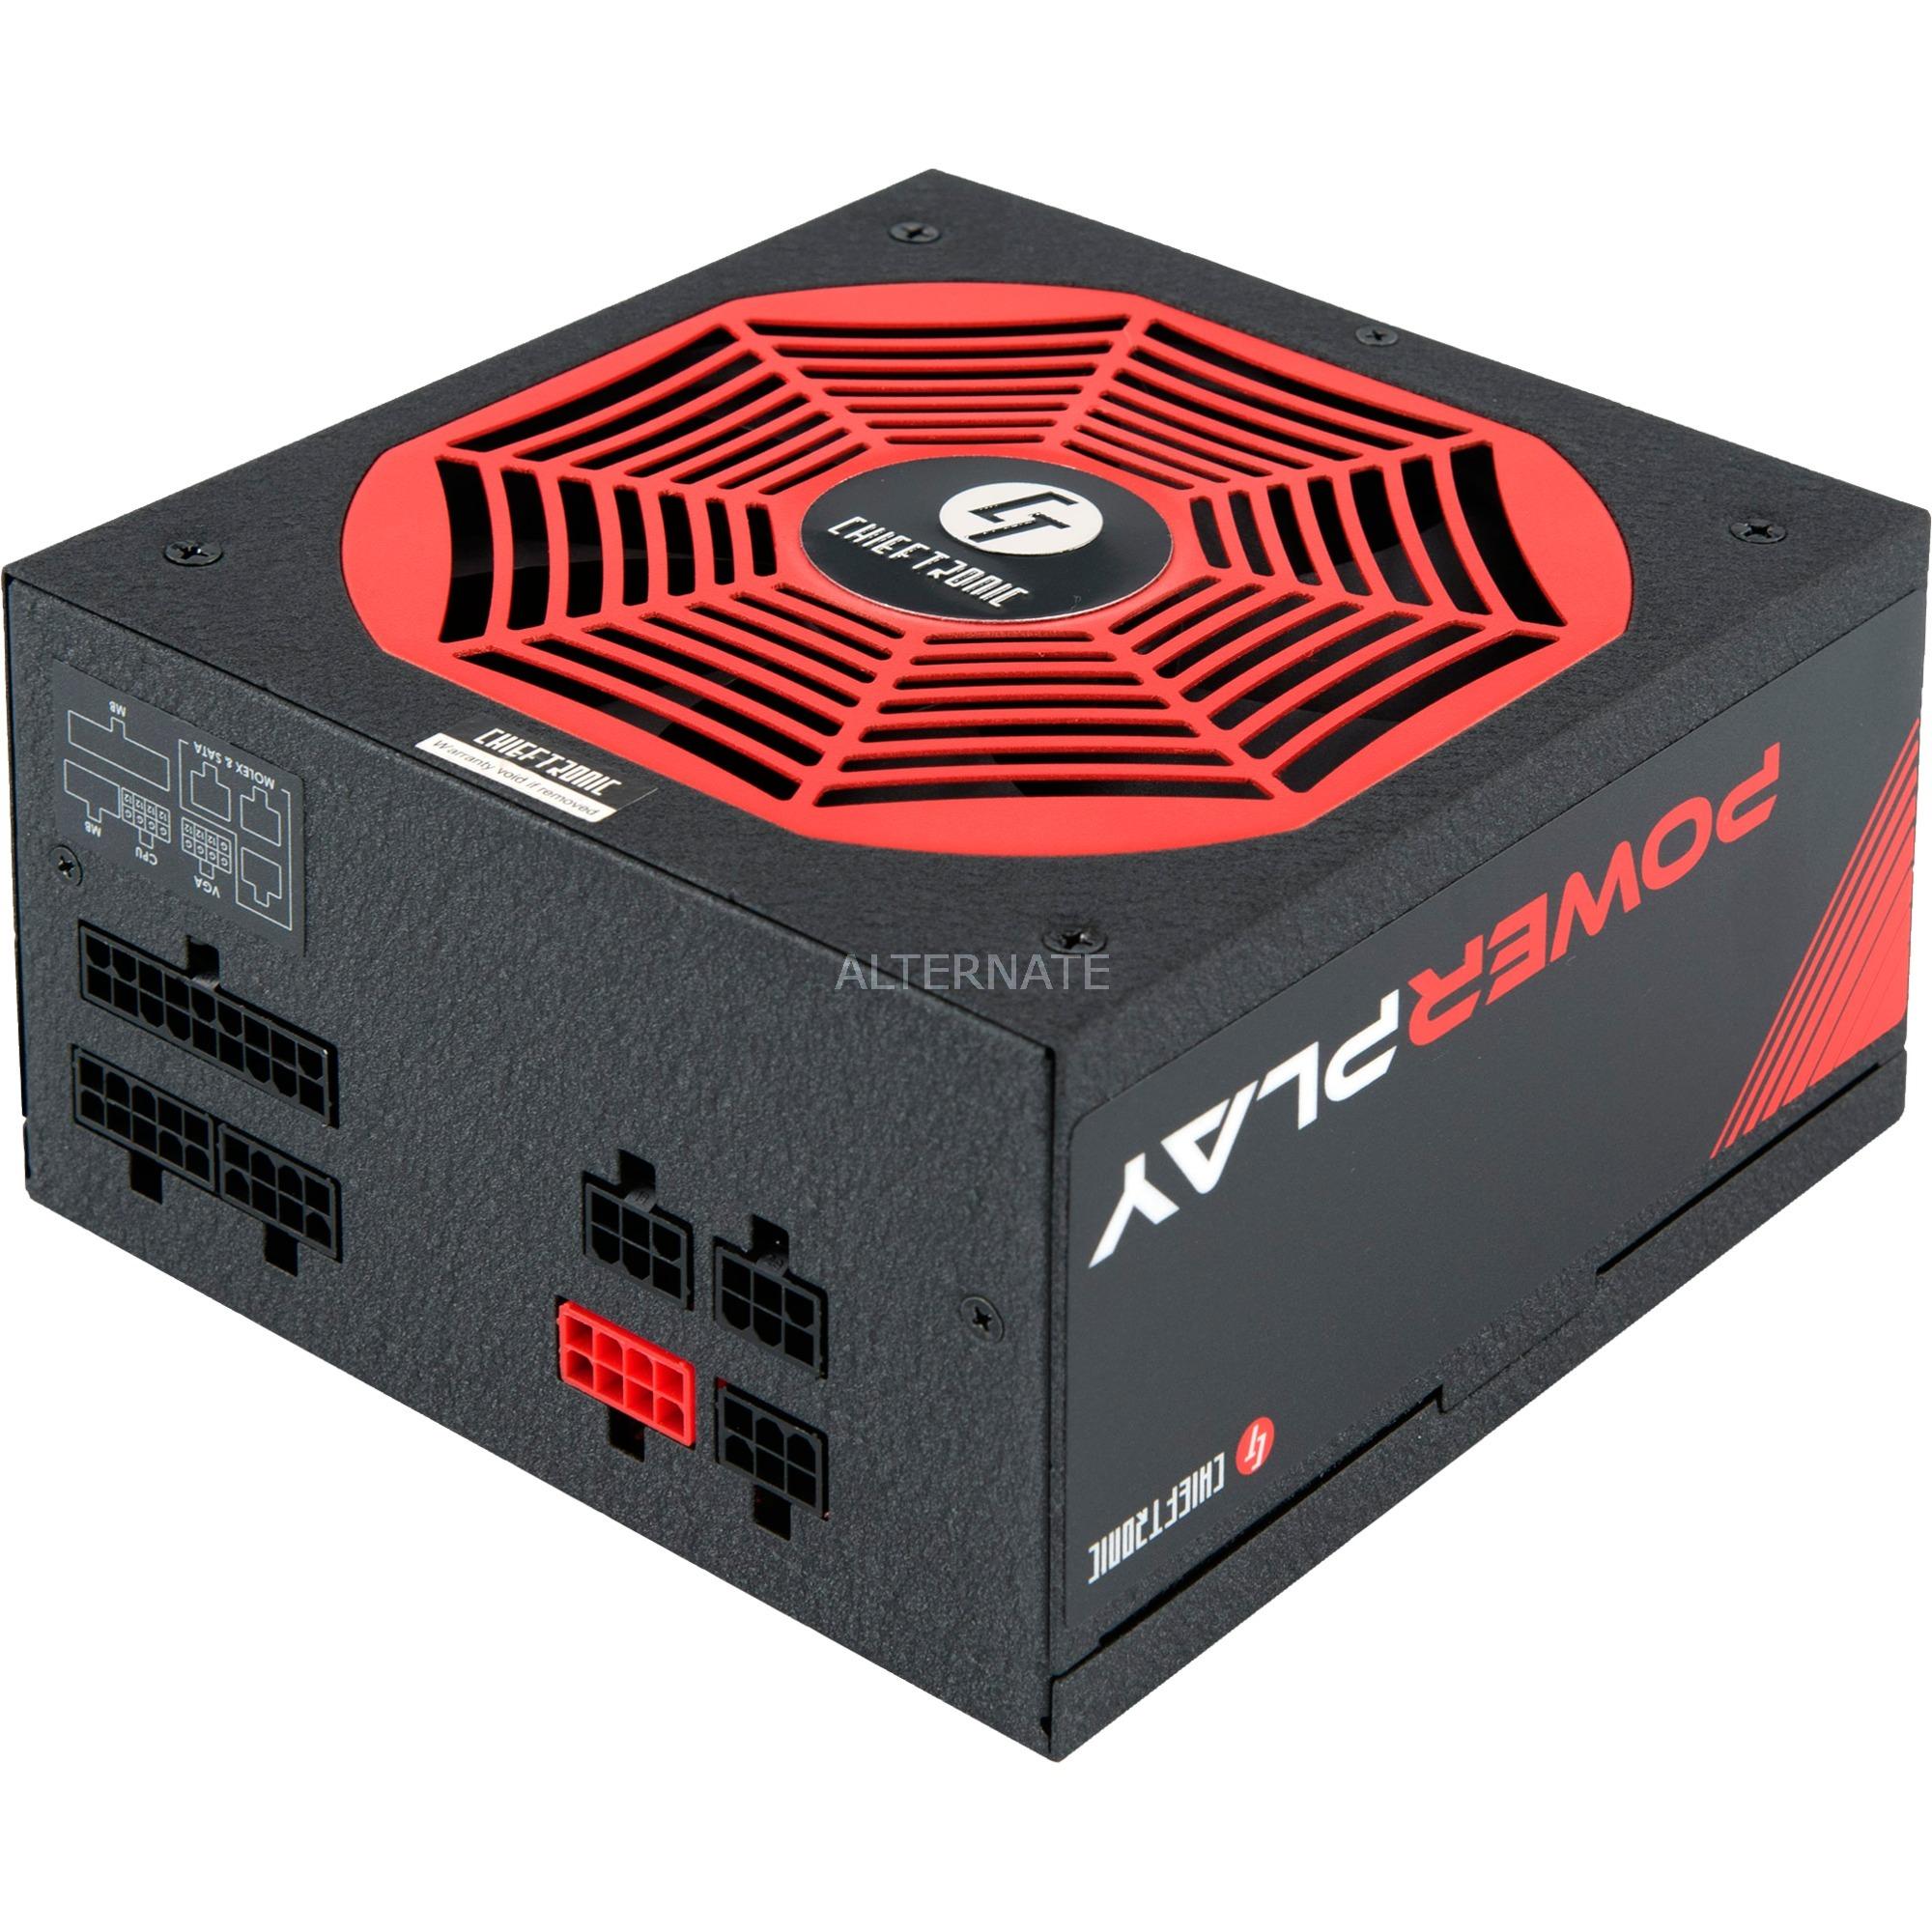 PowerPlay unidad de fuente de alimentación 550 W PS/2 Negro, Rojo, Fuente de alimentación de PC